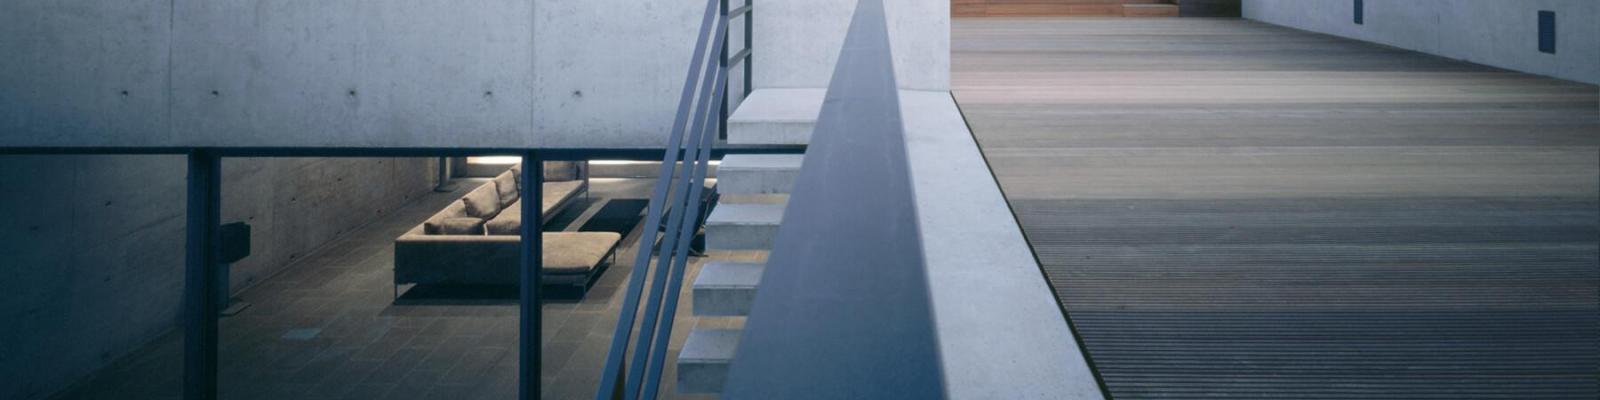 beton_feidt_atrium